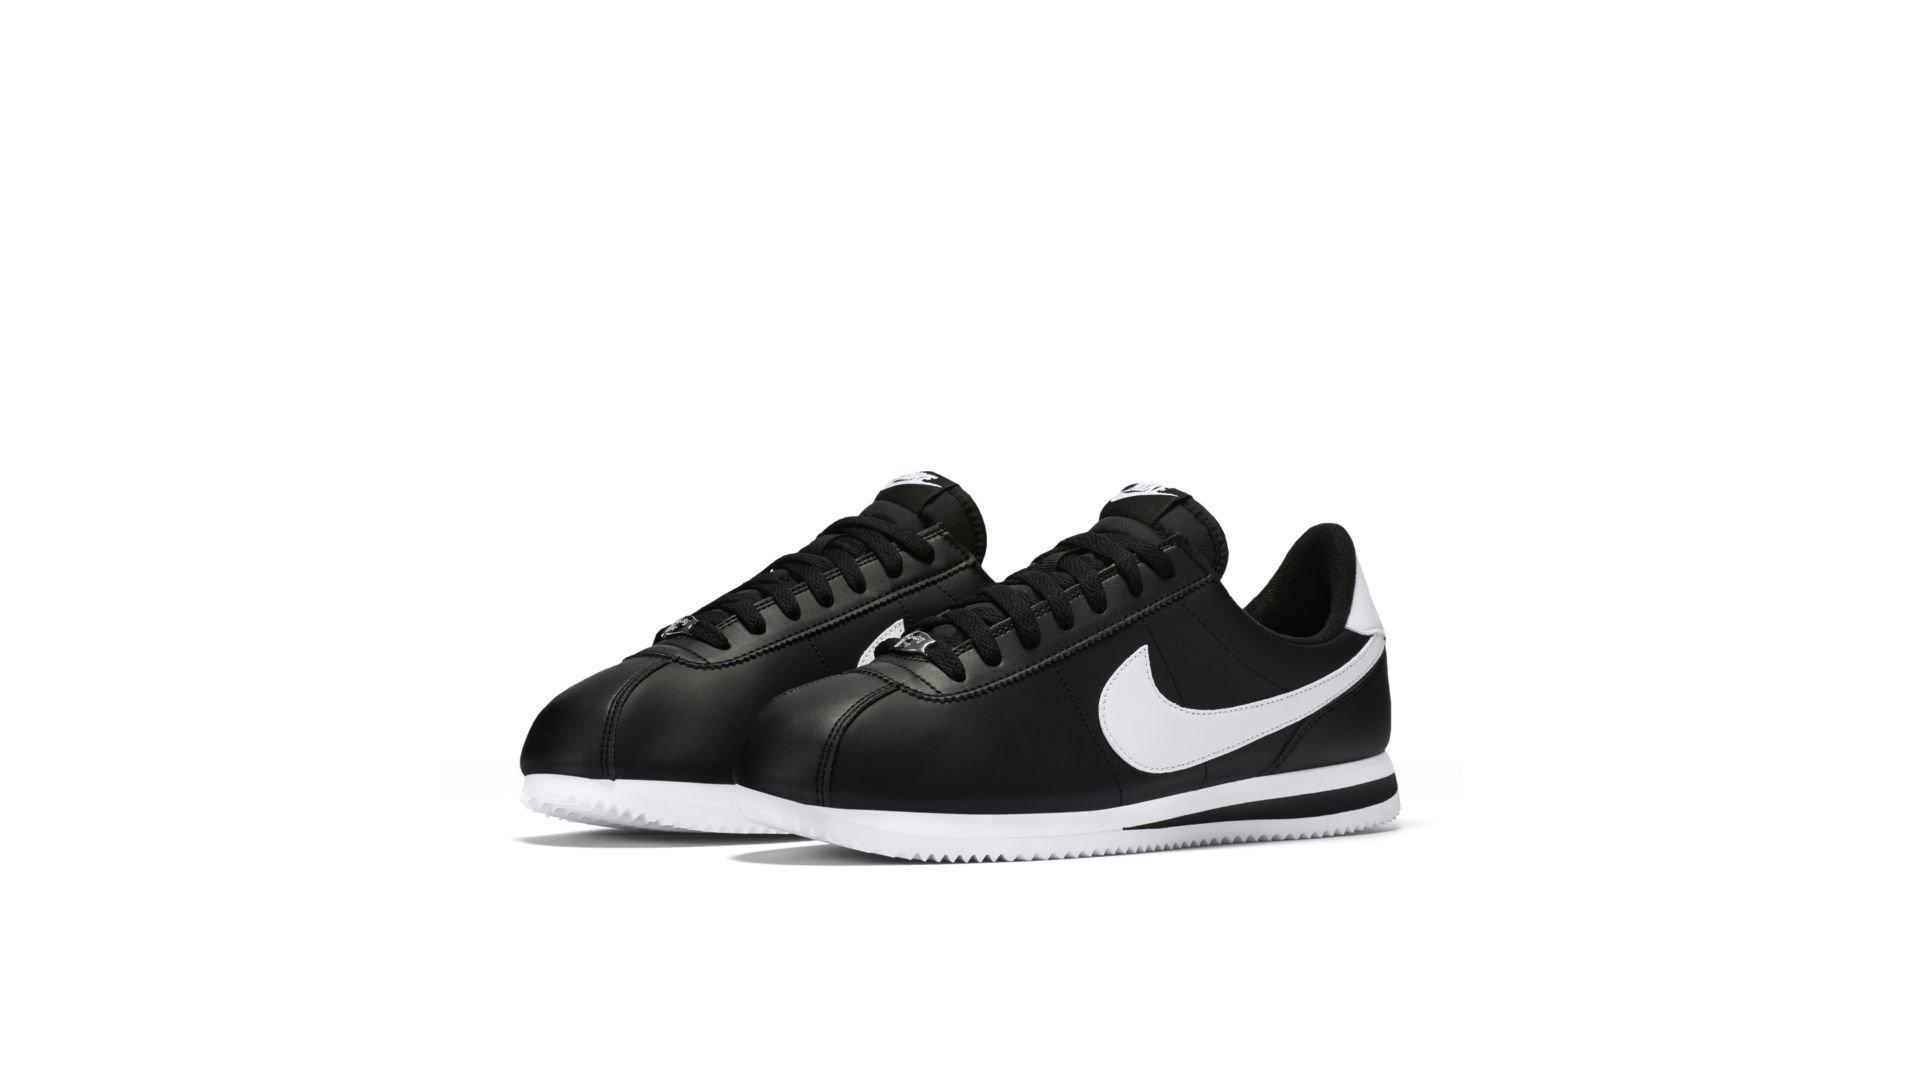 Nike Cortez Basic Black White (819719-012)